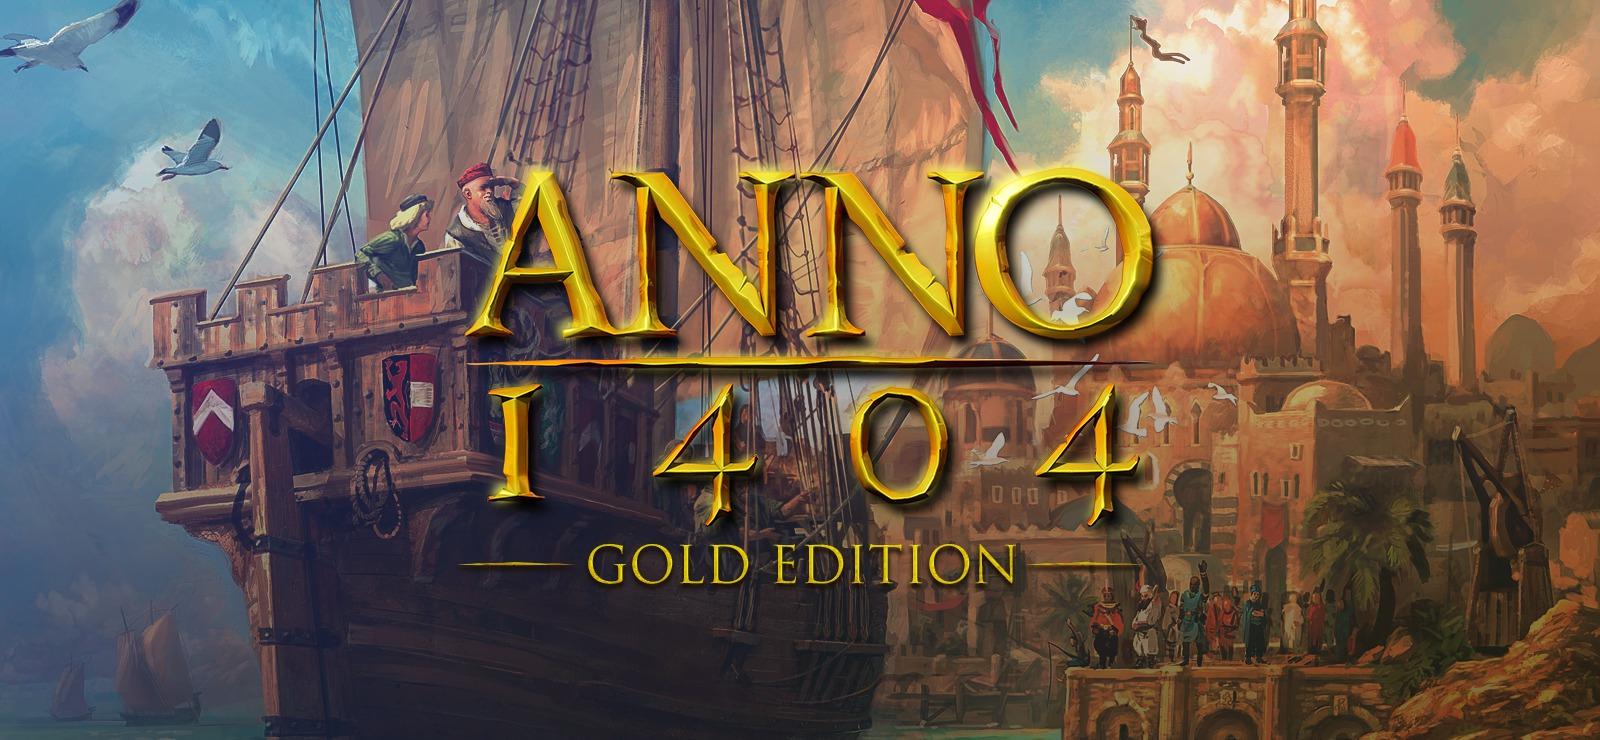 [GoG]Anno 1404 Königs Edition für 3,09 Euro